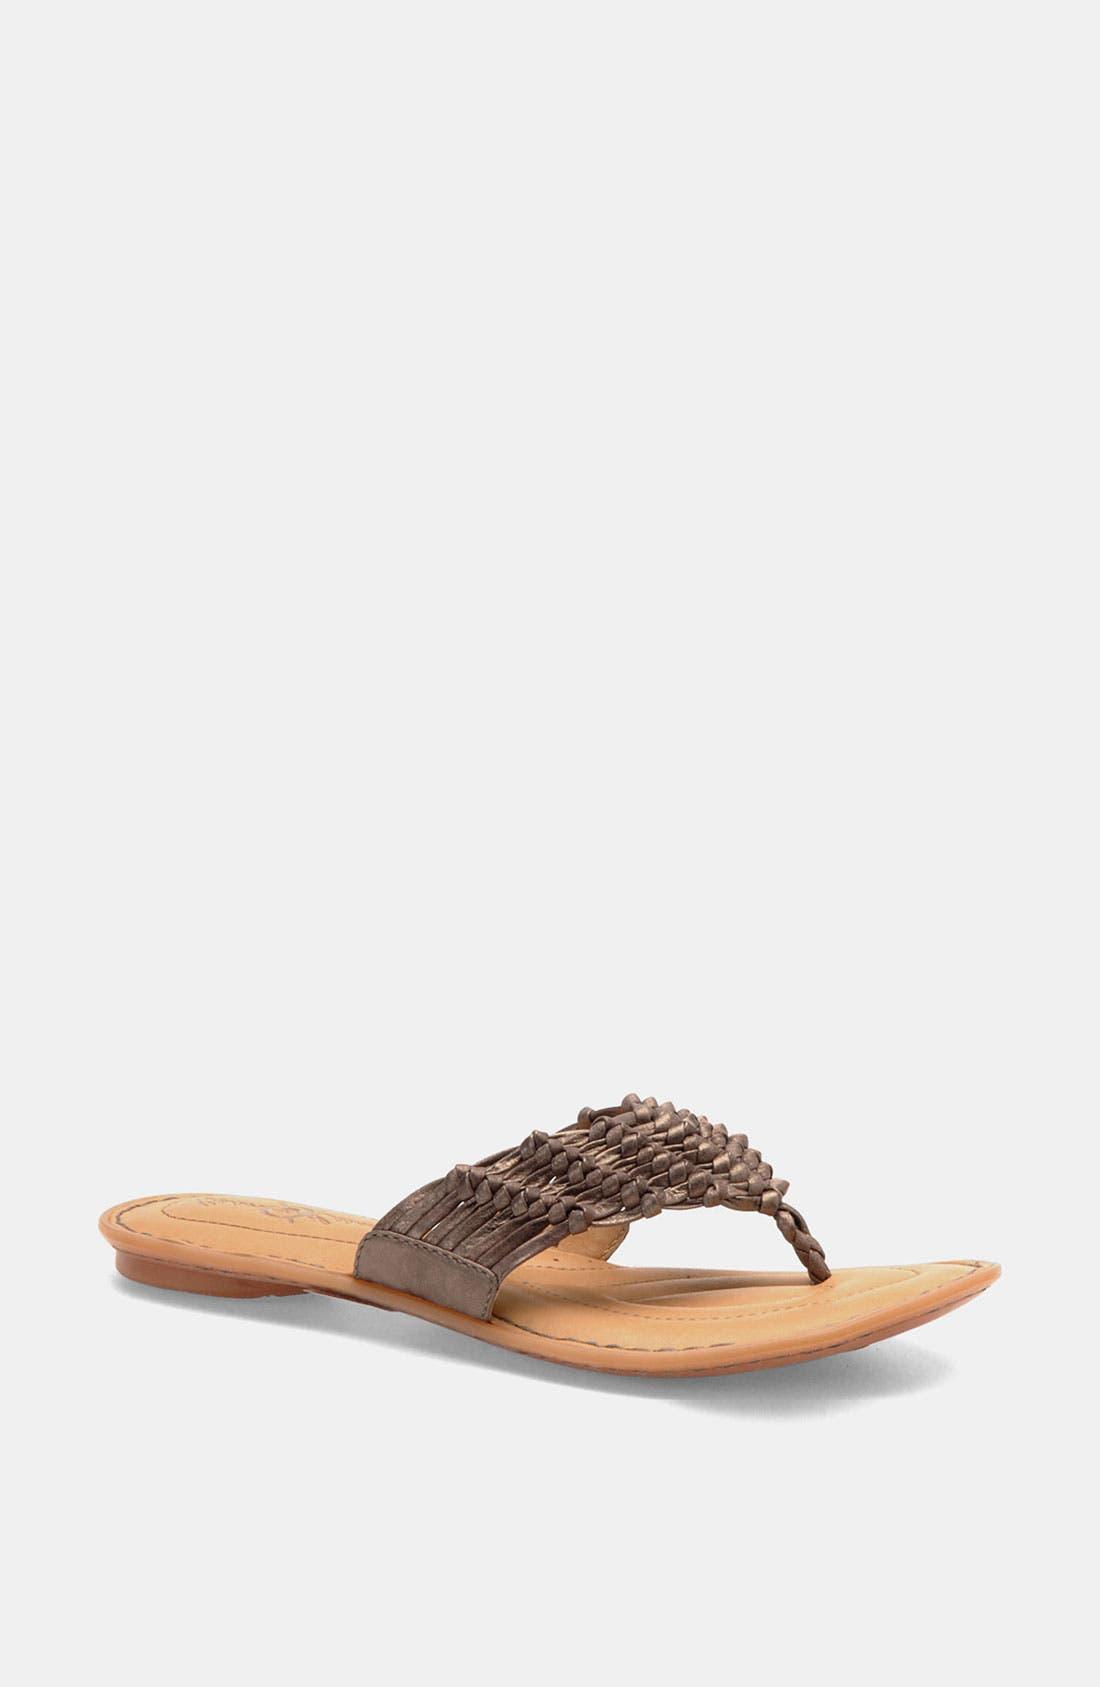 Alternate Image 1 Selected - Børn 'Elyse' Sandal